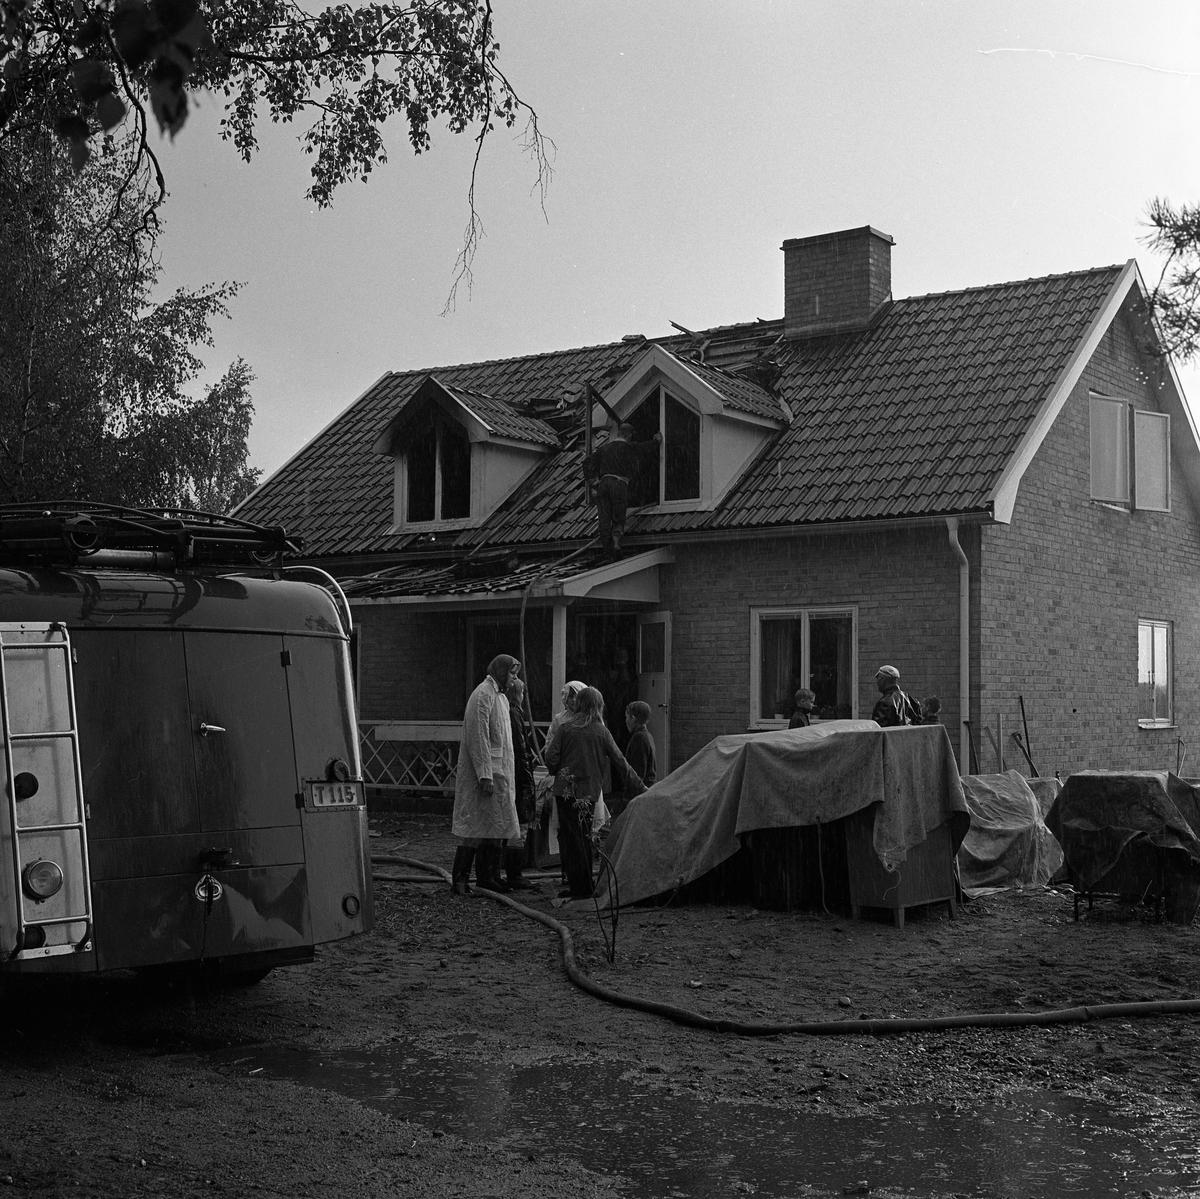 Det har brunnit i en villa i Lunger. Brandkårens bil, med vattenslang, är på plats. Människor är samlade utanför huset.